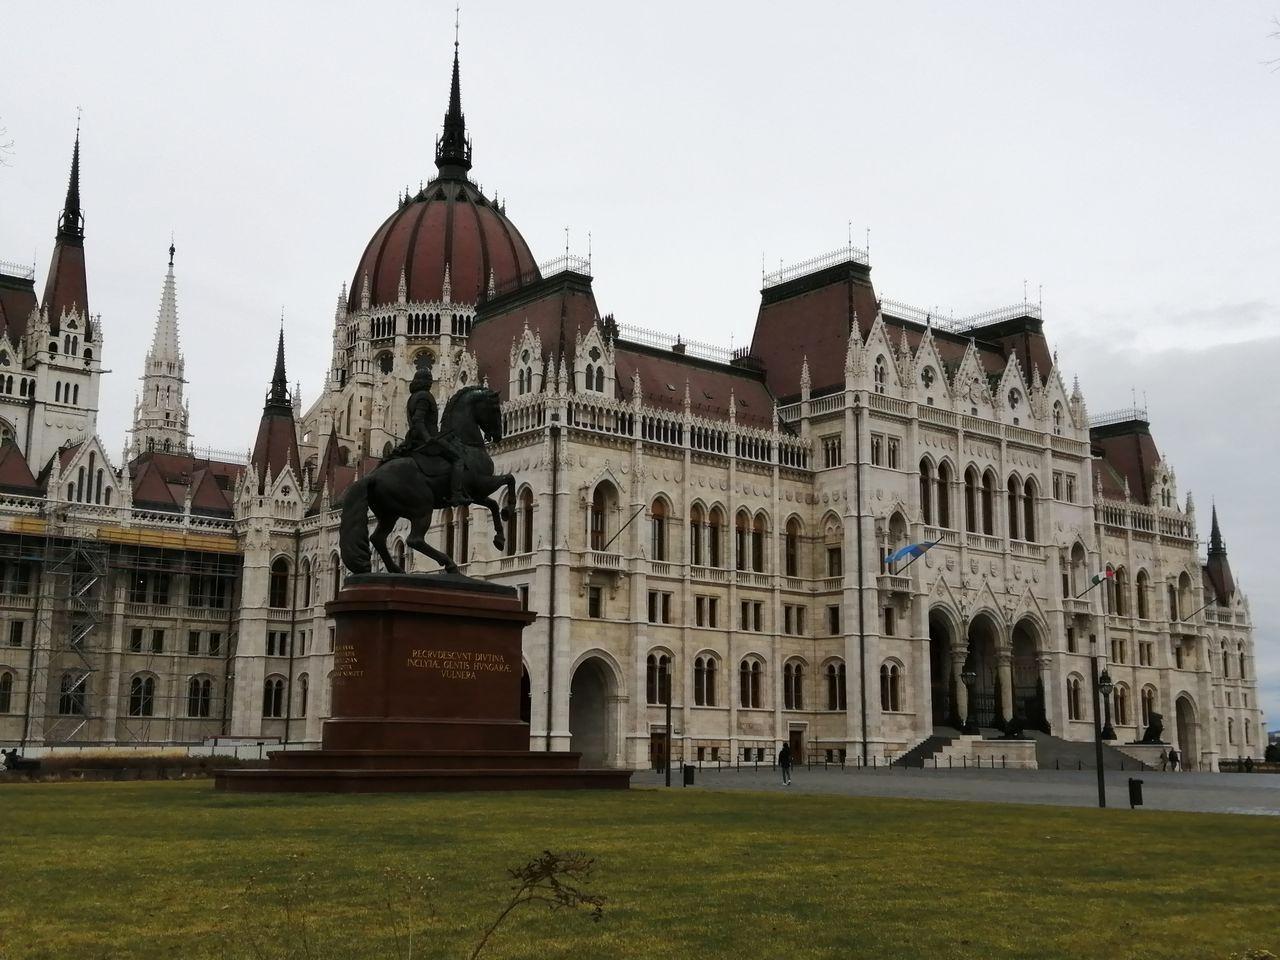 Hace 15 años, la fachada del Parlamento era completamente gris.